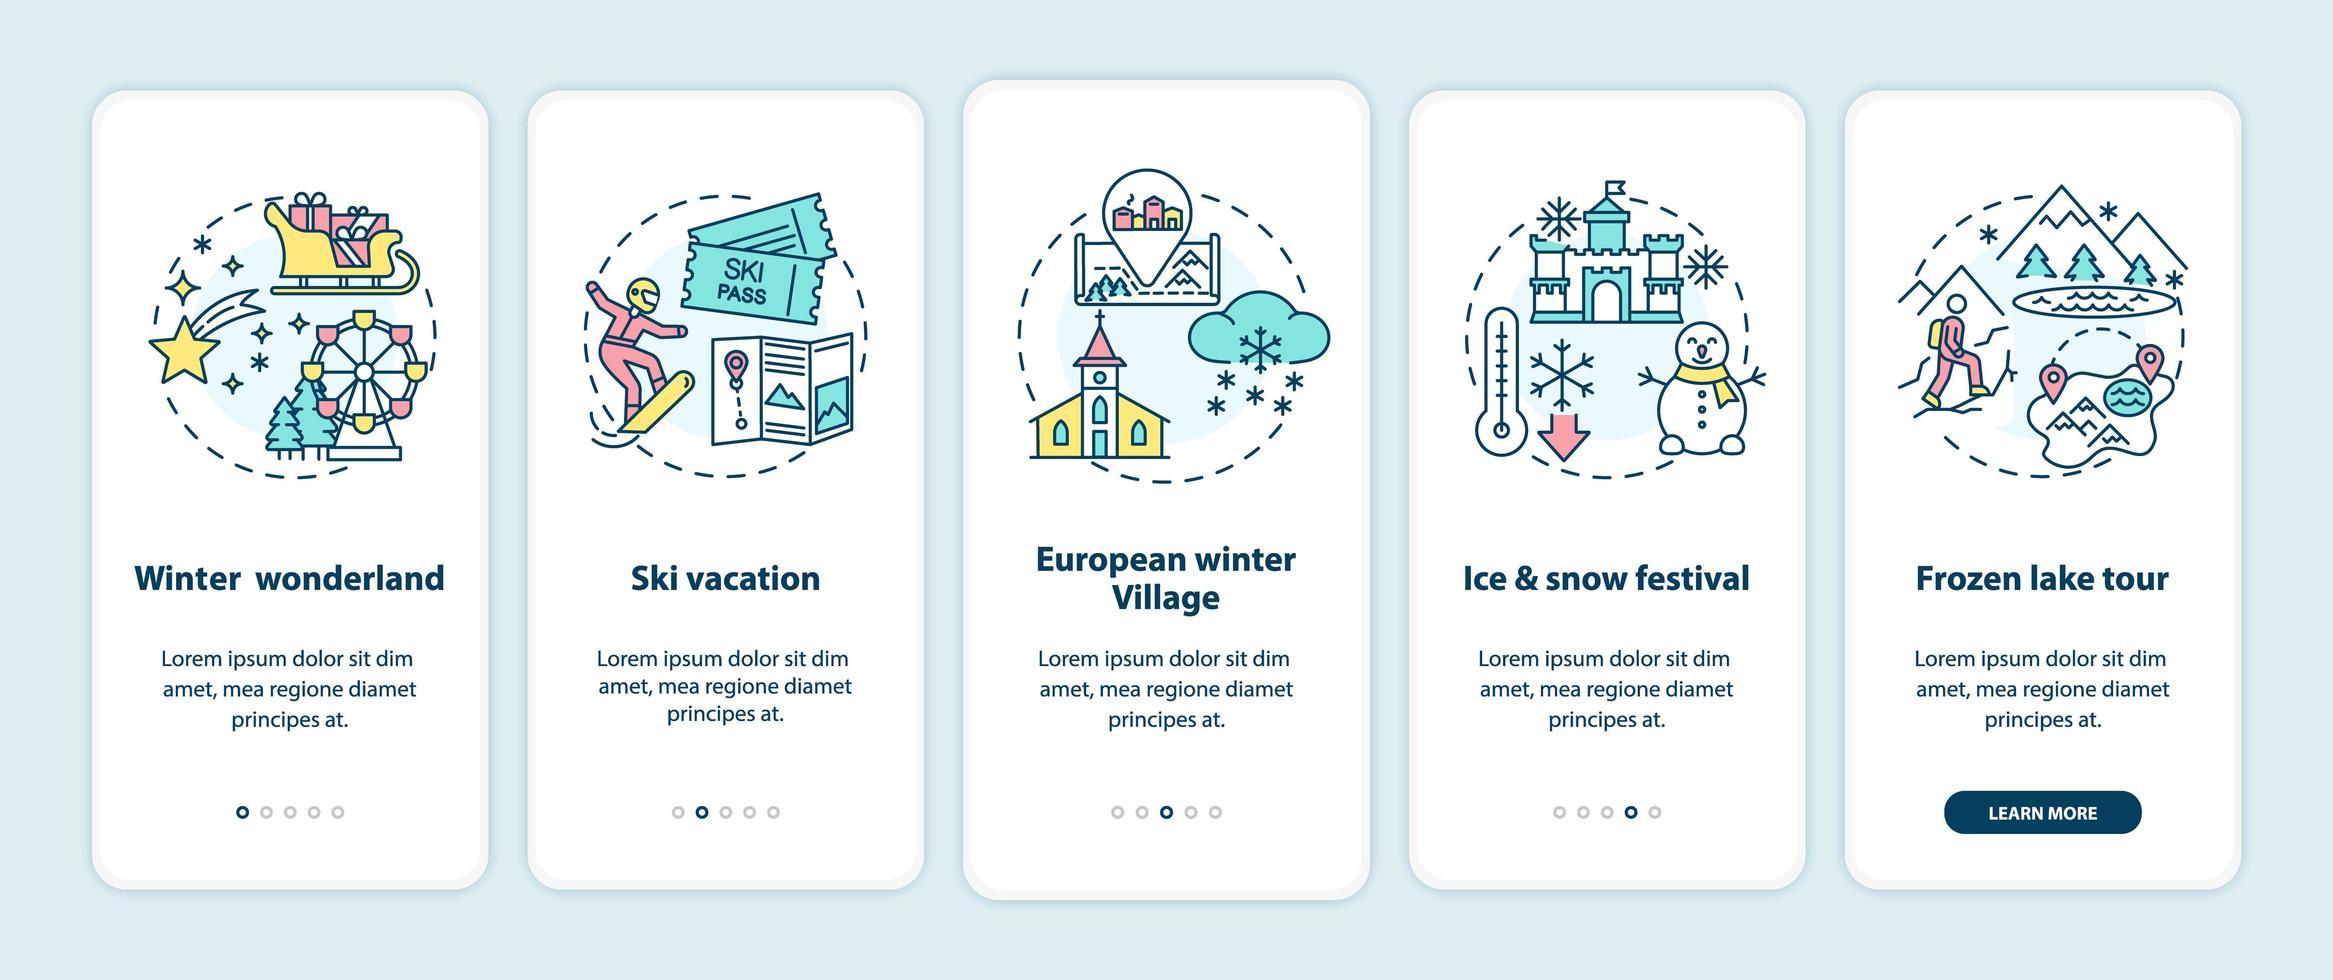 Winterurlaub Orte Onboarding Mobile App Seite Bildschirm mit Konzepten vektor